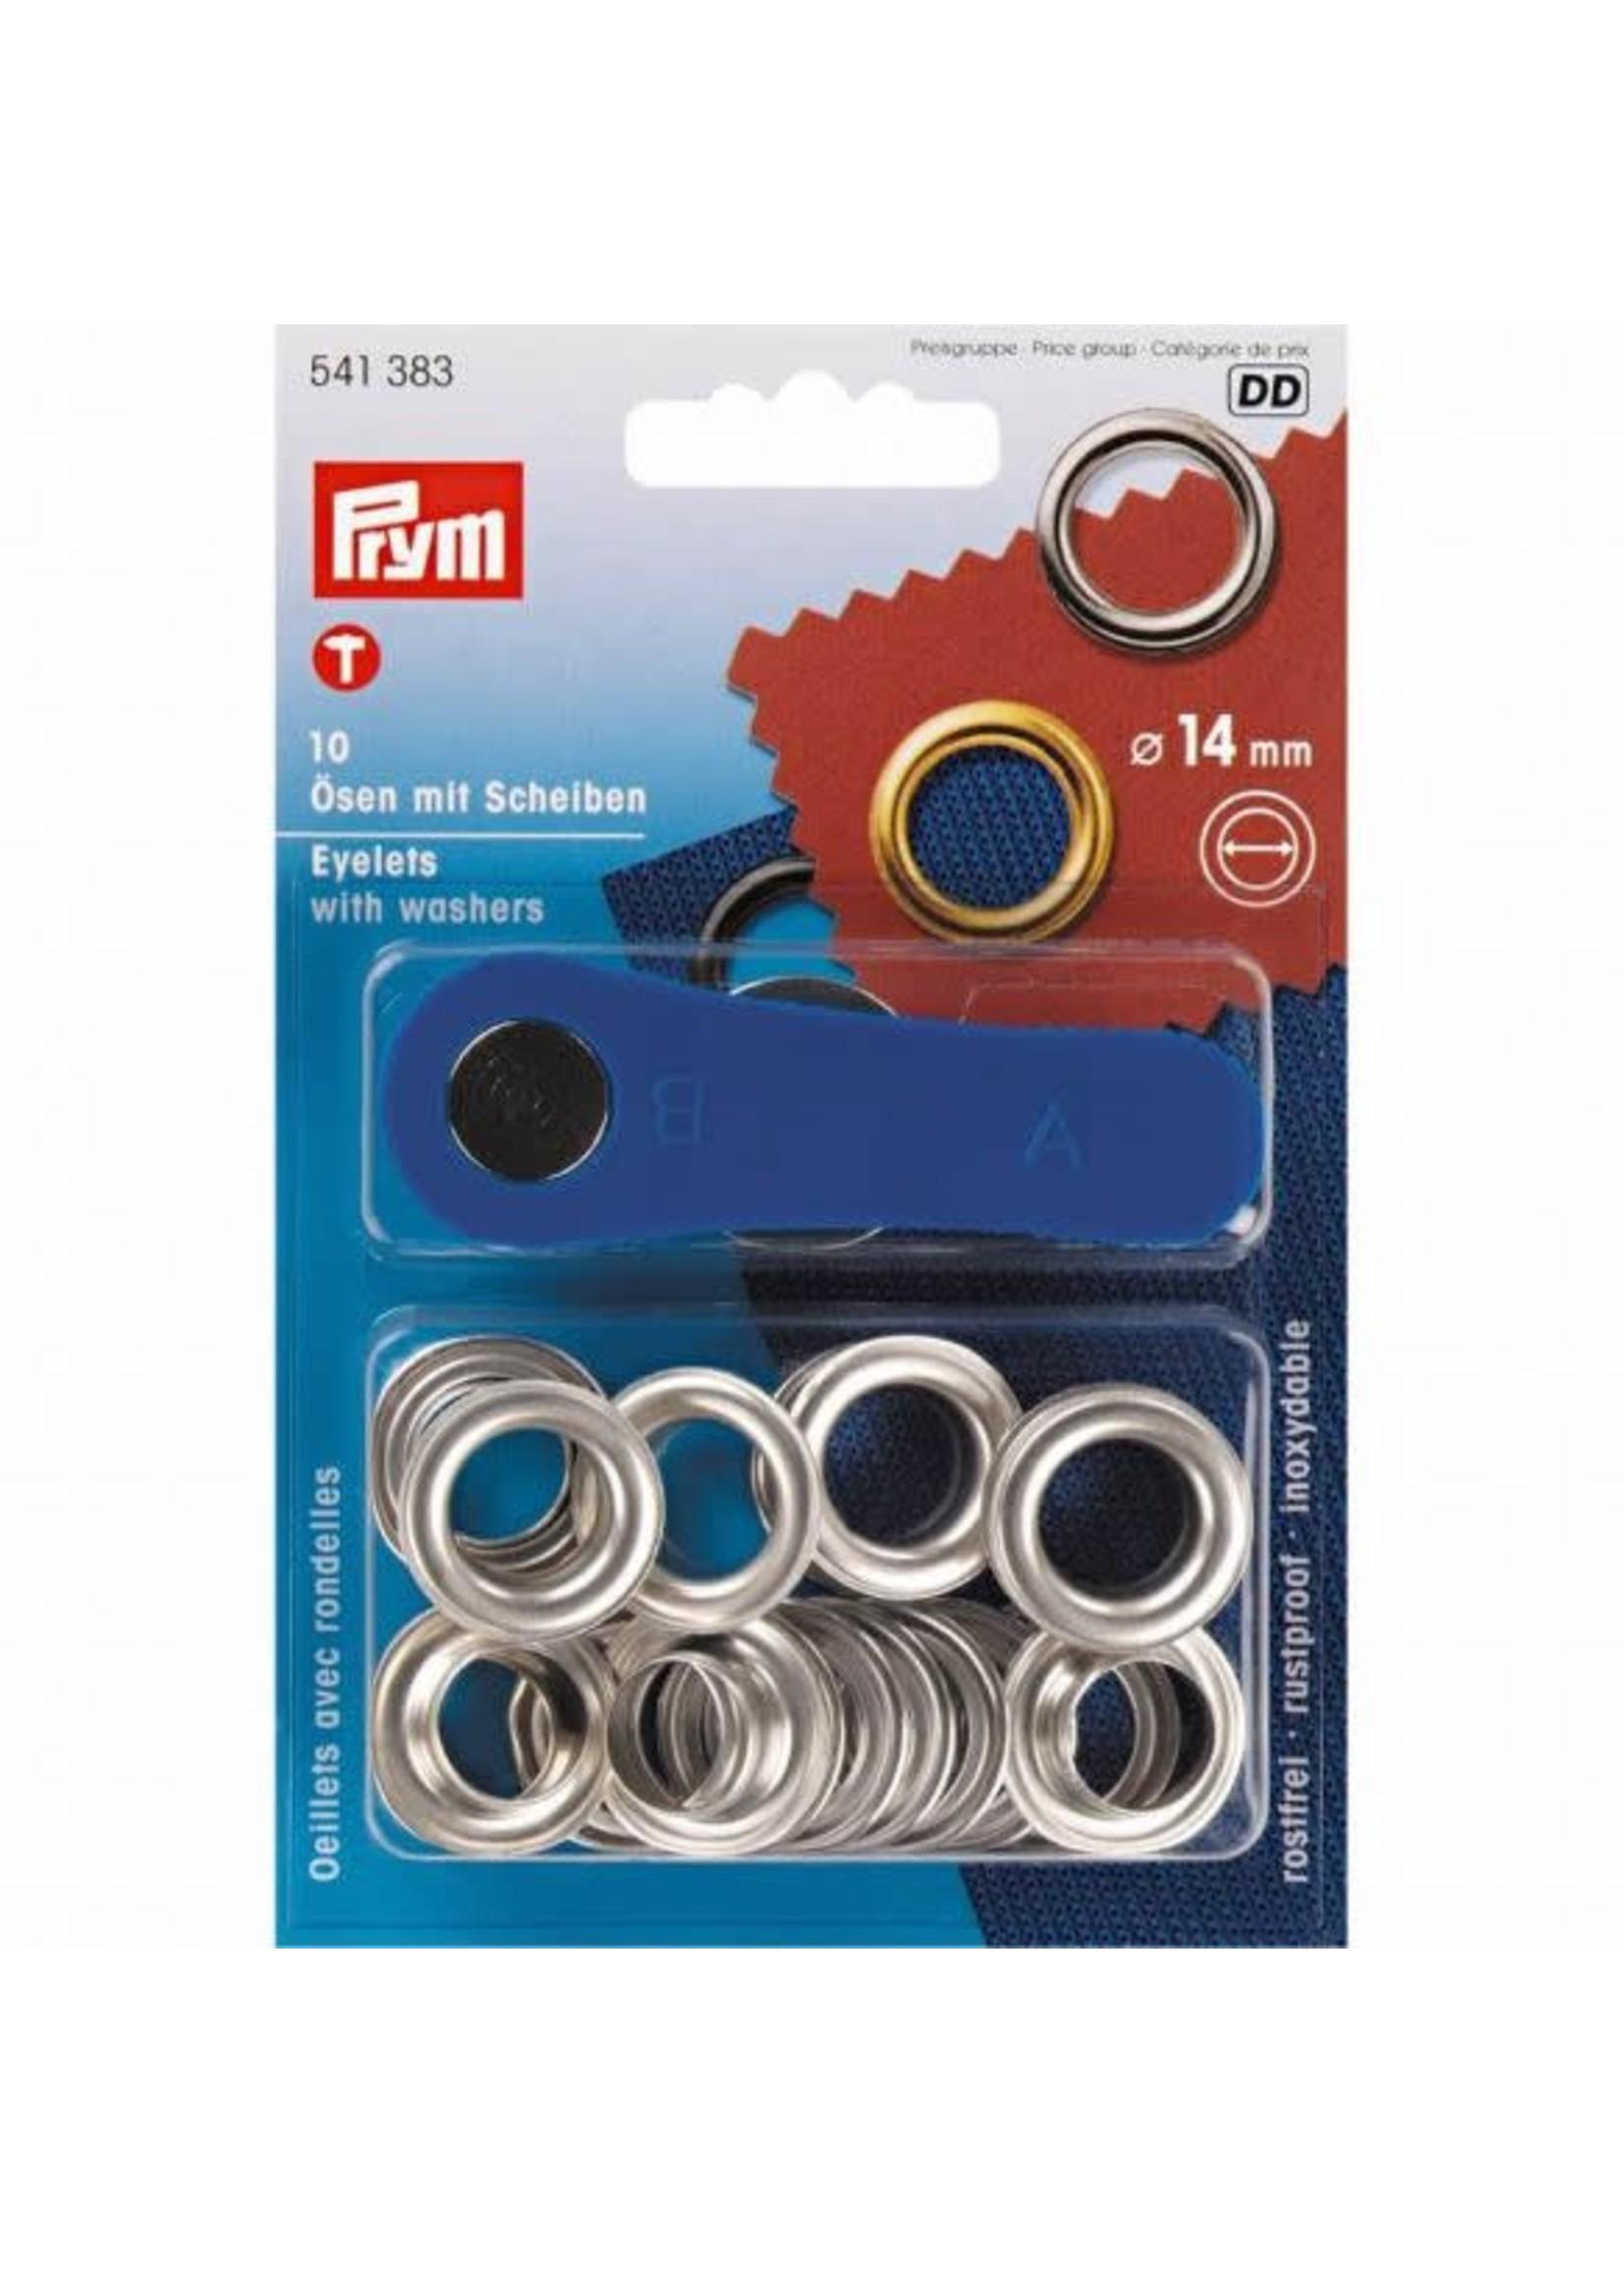 Prym Prym Ringen en schijven 14mm - zilver